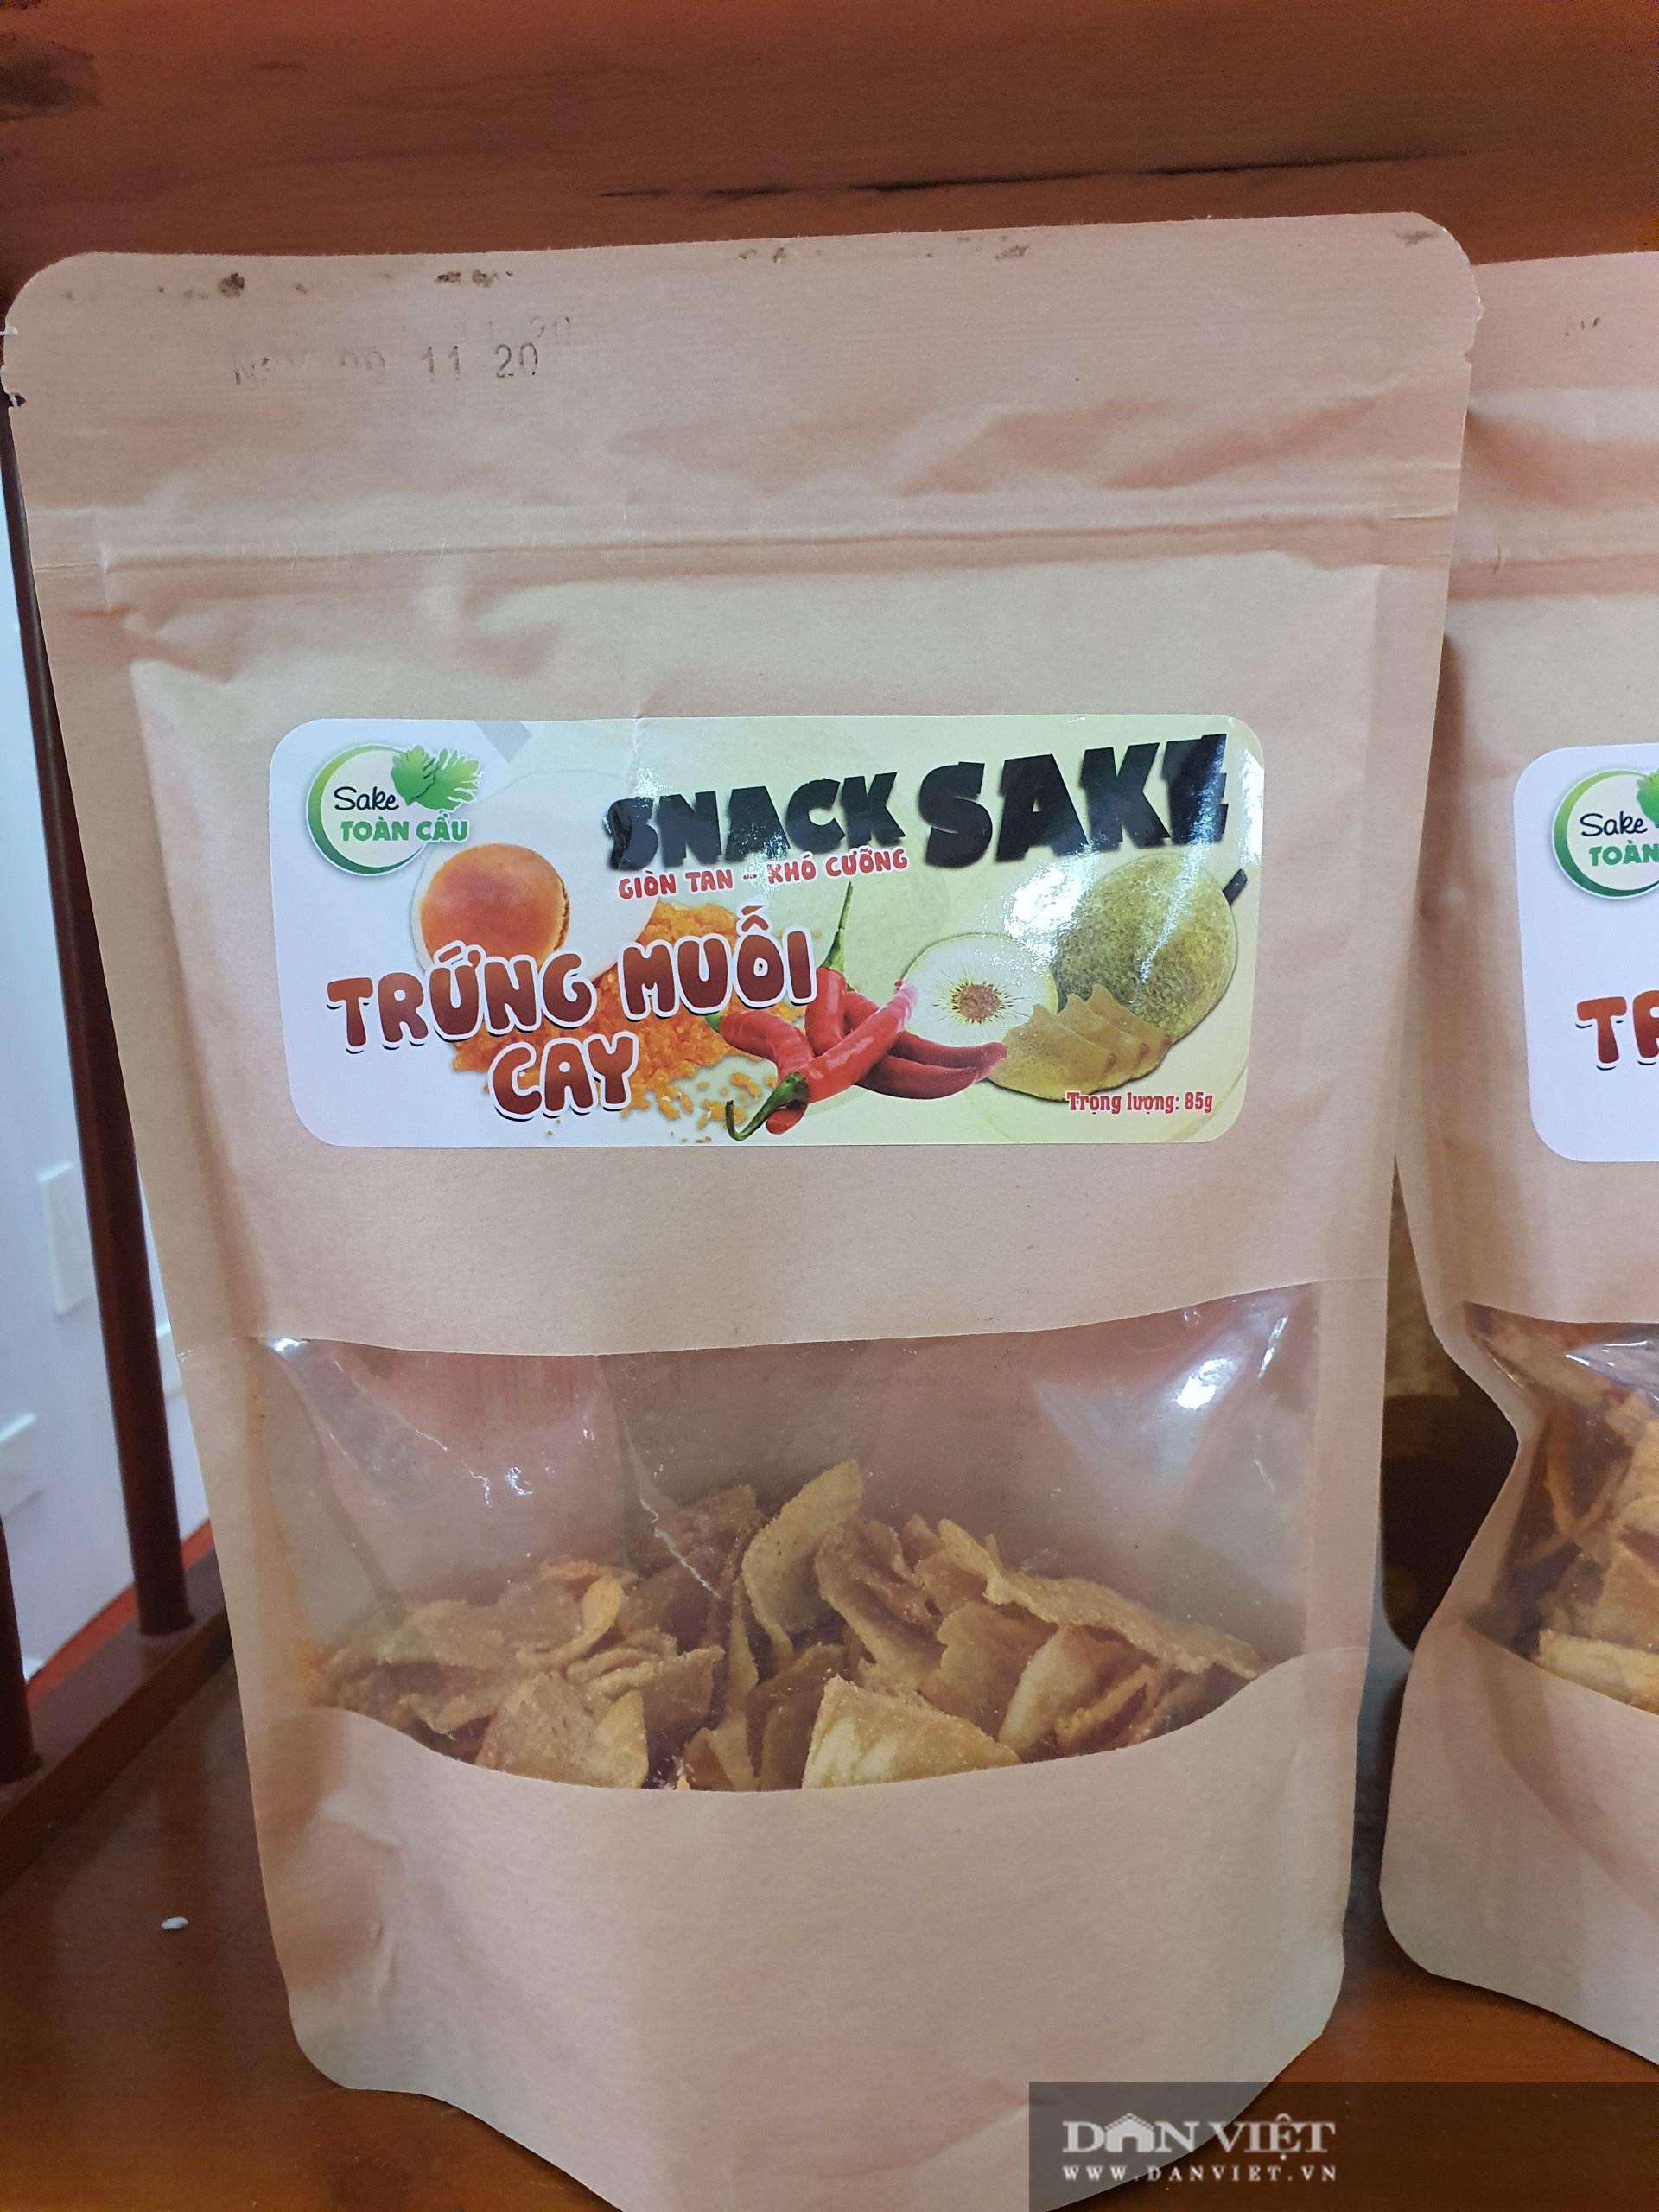 Cần Thơ: Hàng loạt sản phẩm mới lạ xuất hiện tại Hội chợ nông nghiệp quốc tế Việt Nam, không xem sẽ rất tiếc nuối - Ảnh 9.